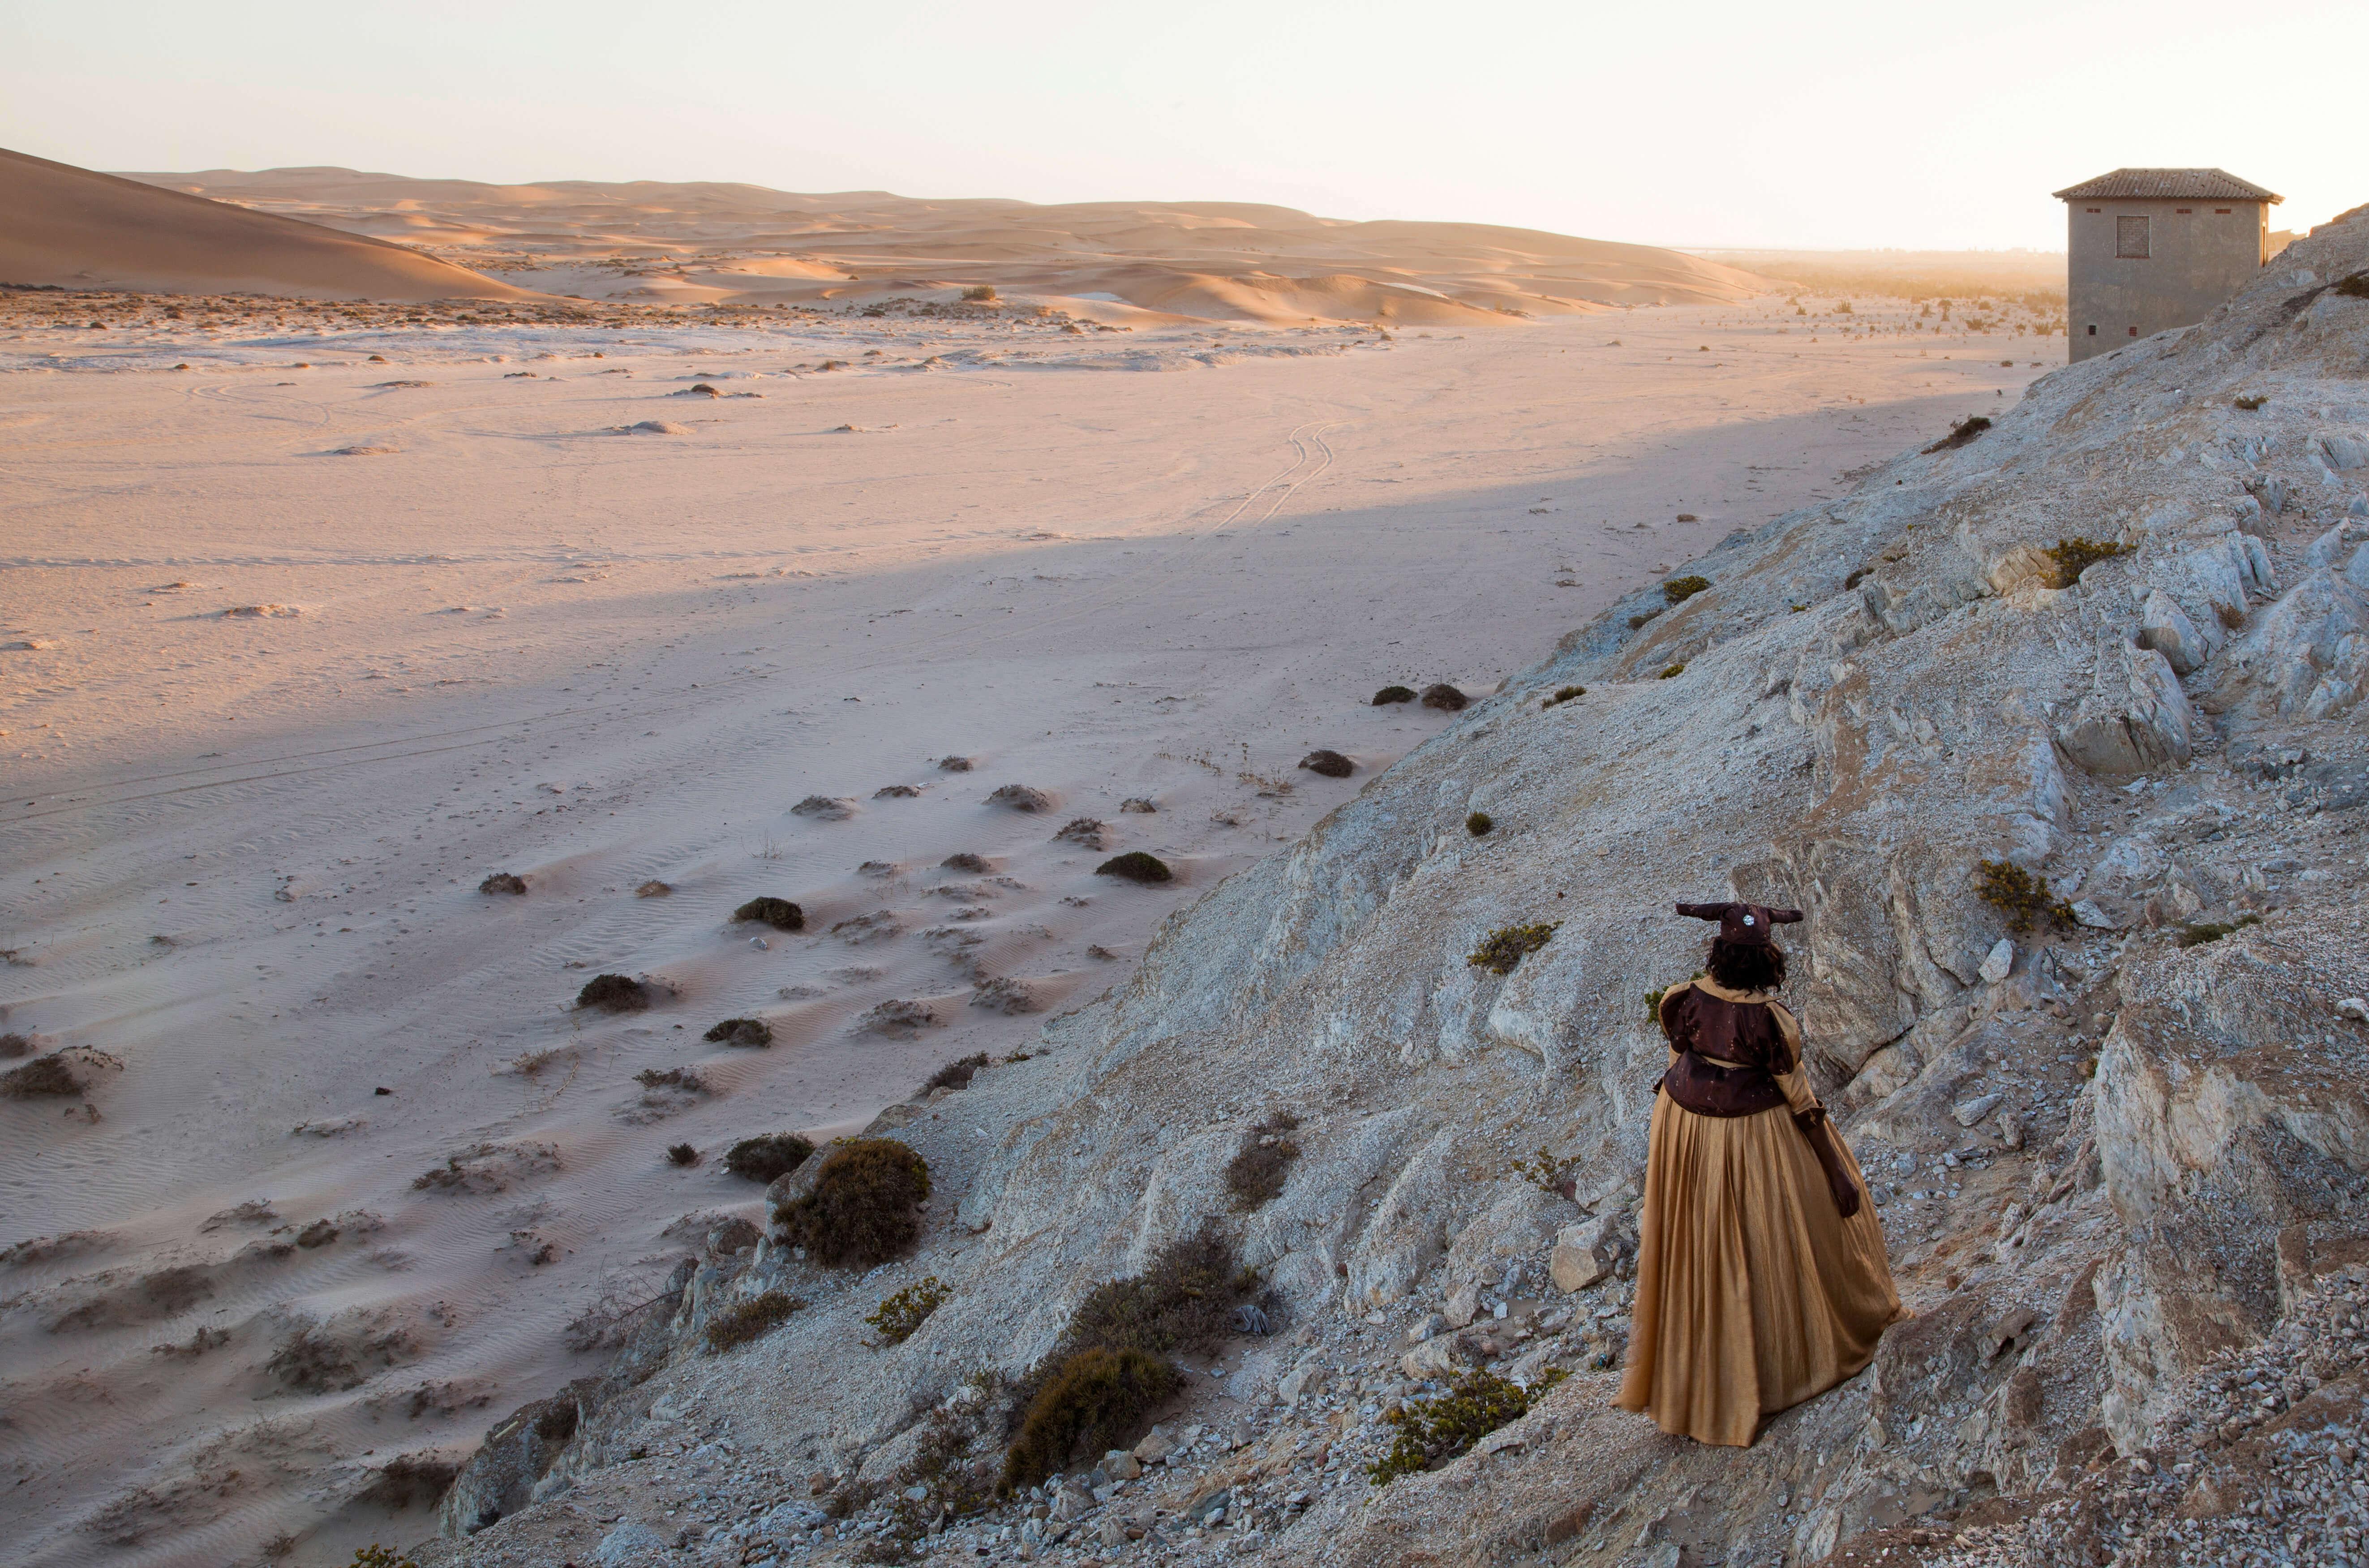 Nicola Brandt, Auf der anderen Seite des Flusses, Uakondjisa Kakuekuee Mbari, Swakopmund, Namib-Wüste (2013), 73 x 100 cm (Papierformat); 60 x 90 cm (Fotogröße), digitaler Pigmentdruck, Auflage 3 + 2AP.